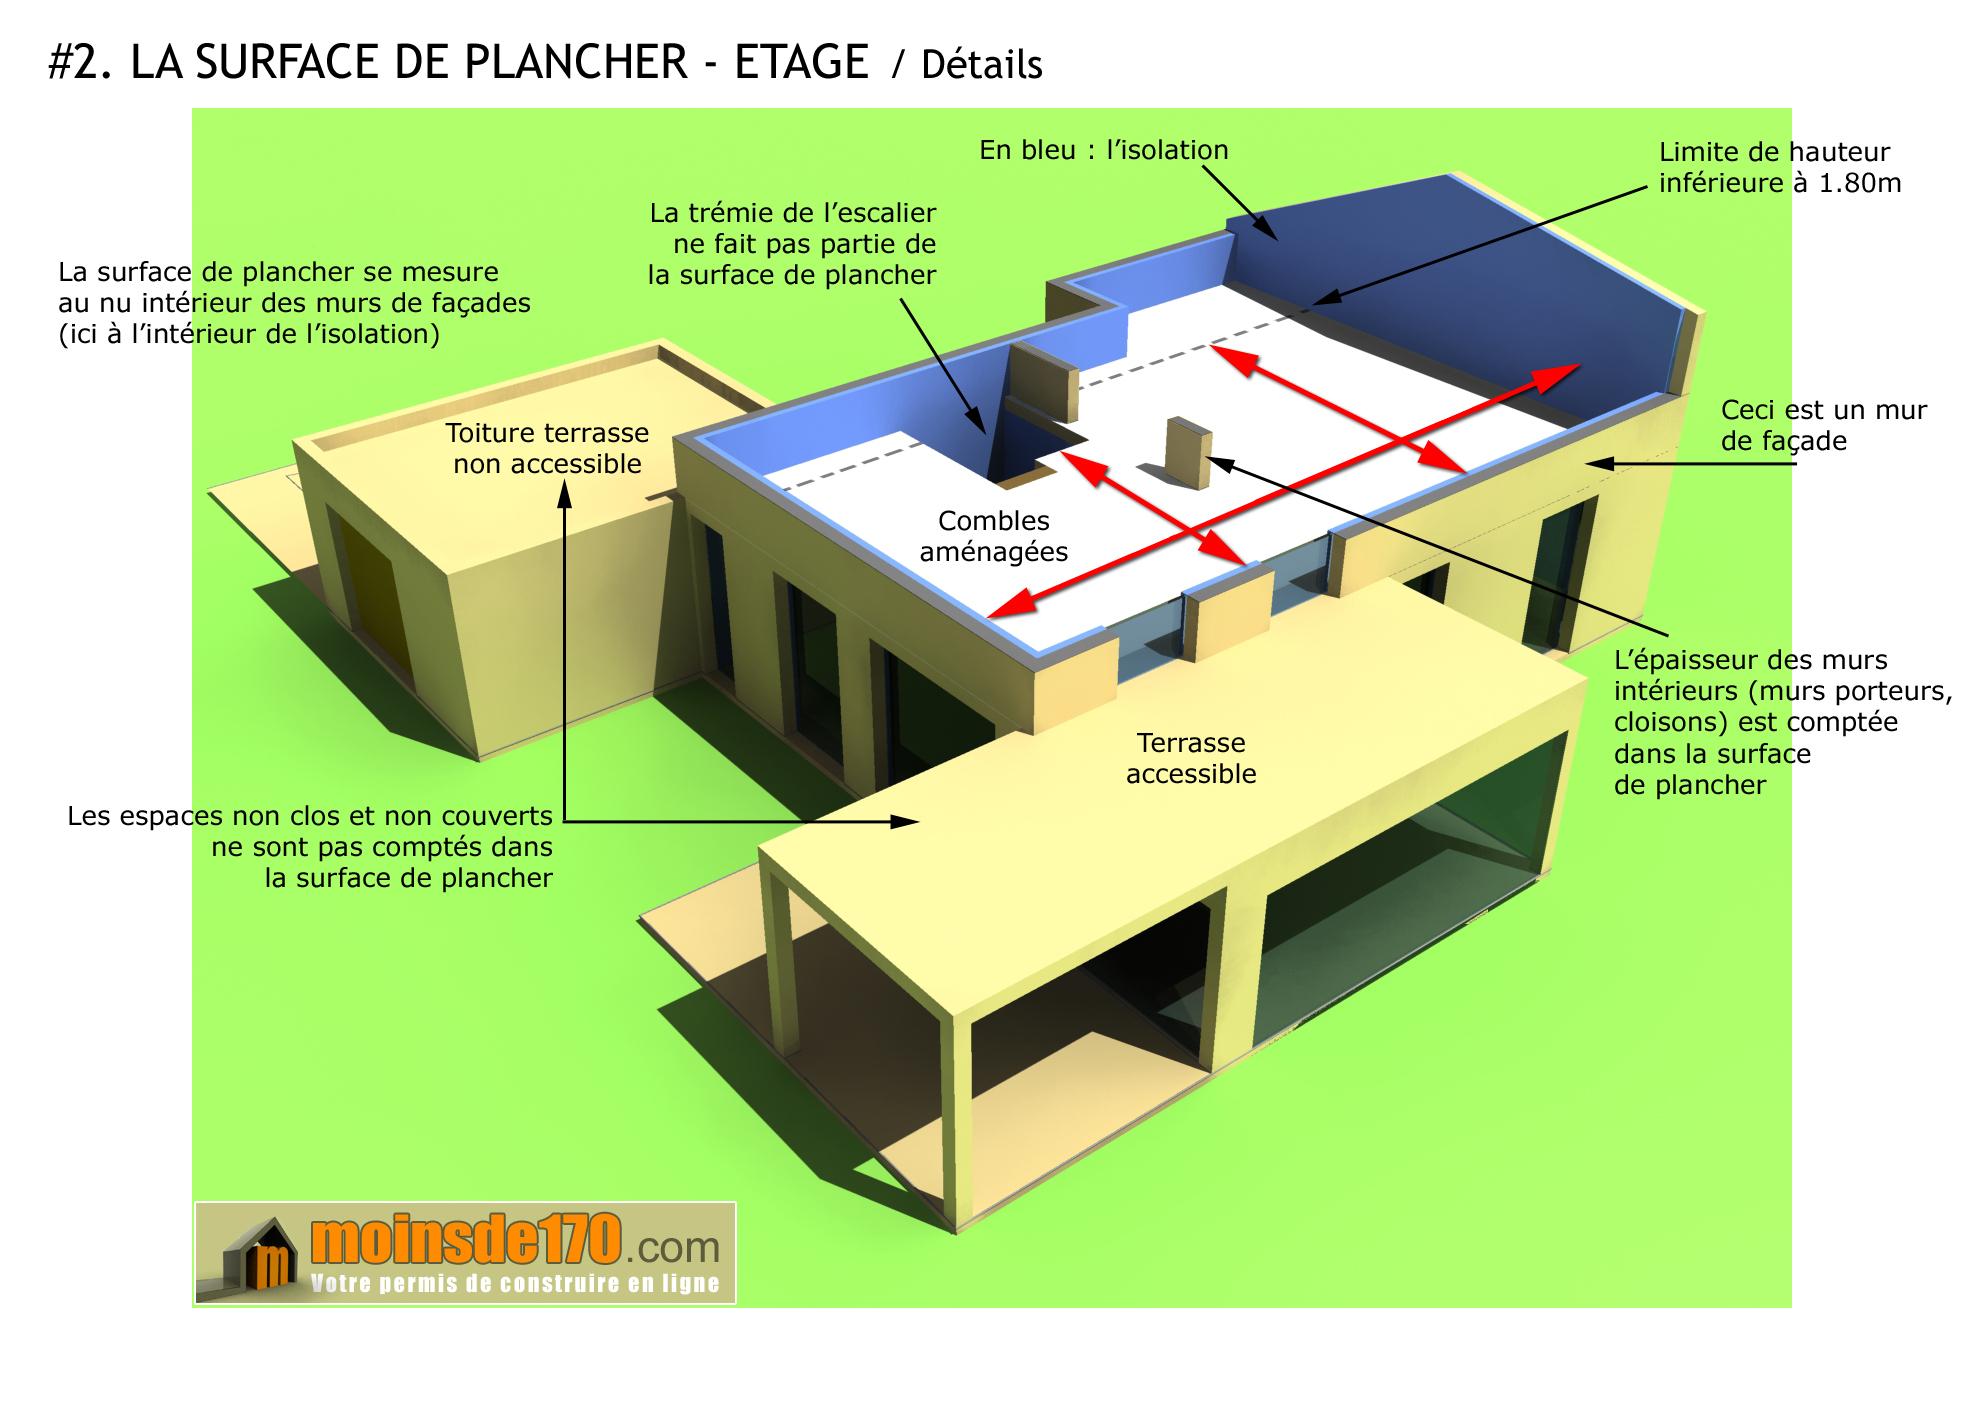 terrasse sur pilotis surface de plancher nos conseils. Black Bedroom Furniture Sets. Home Design Ideas